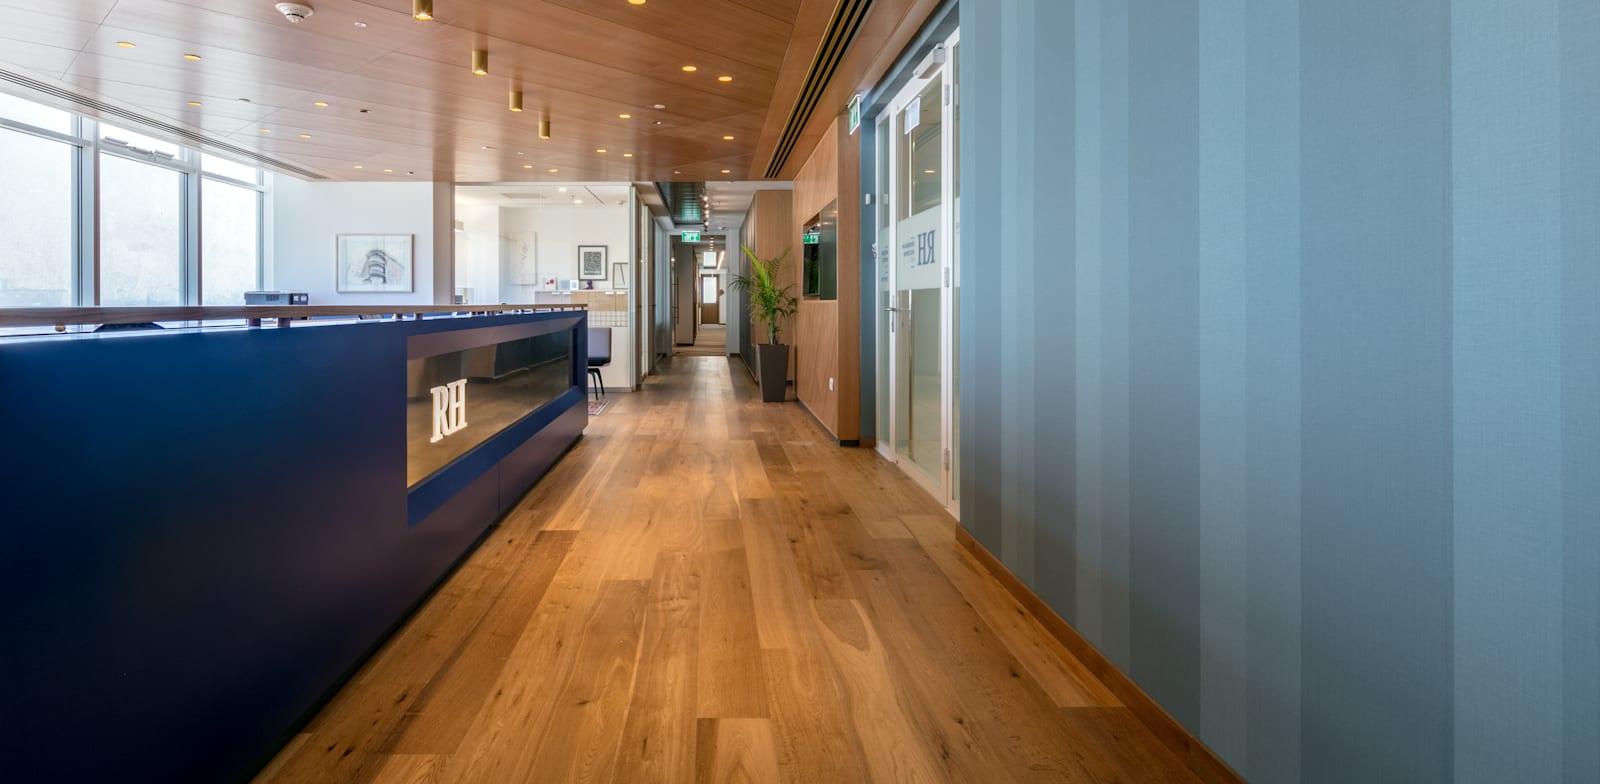 משרדי רוזנבלום הולצמן שות', רואי חשבון / צילום: עוזי פורת